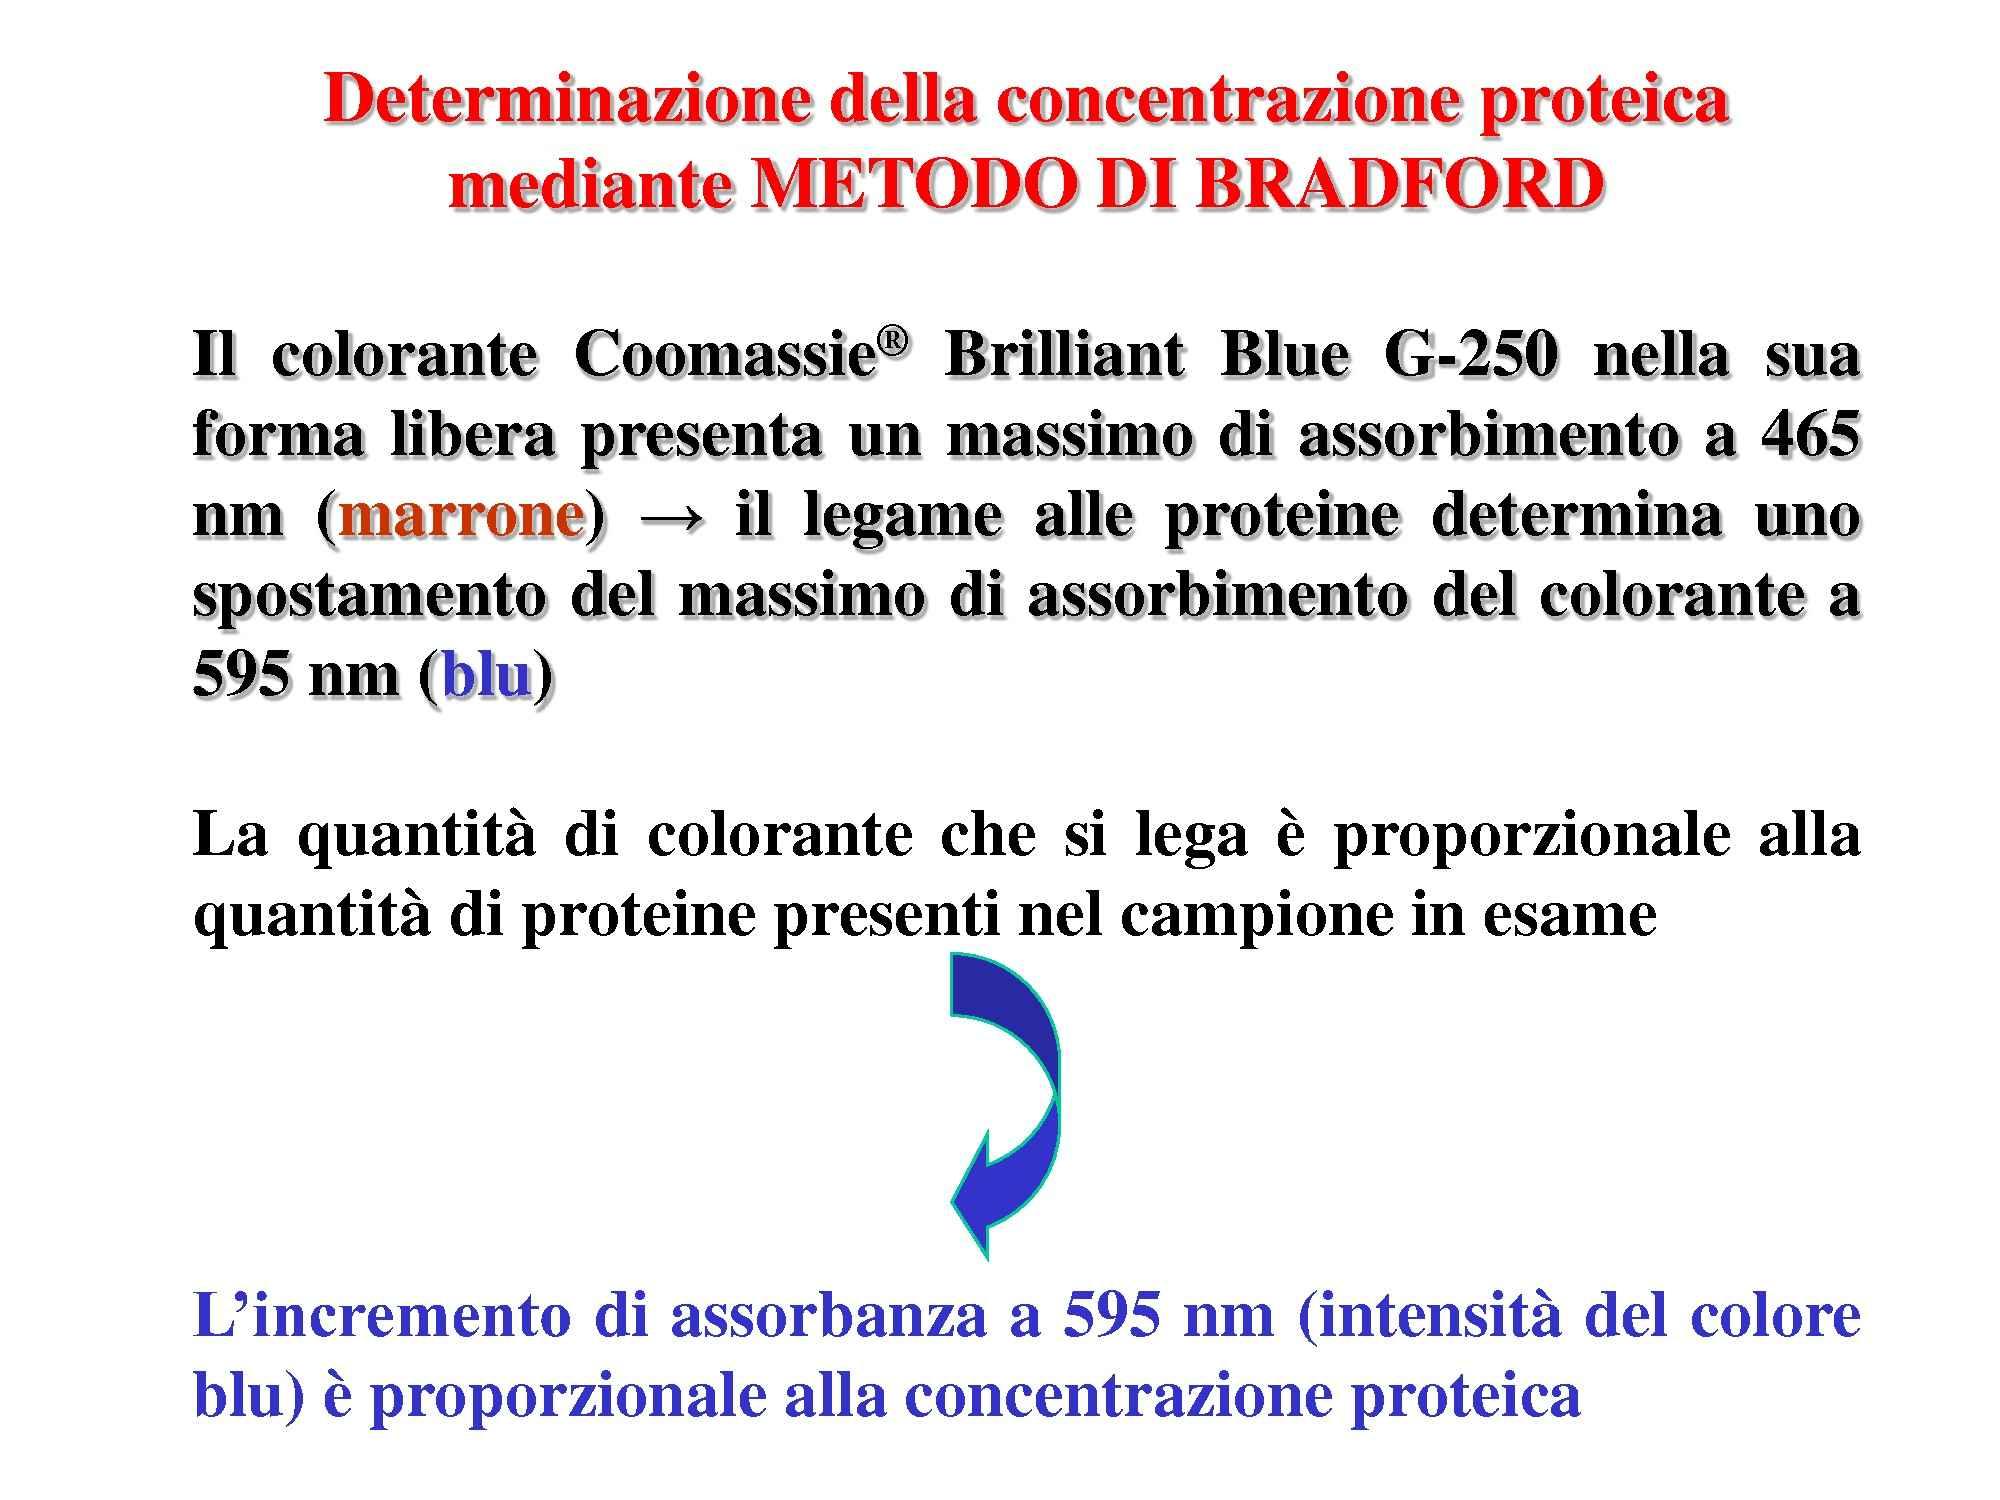 Determinazione concentrazione proteine- Metodo di Bradford